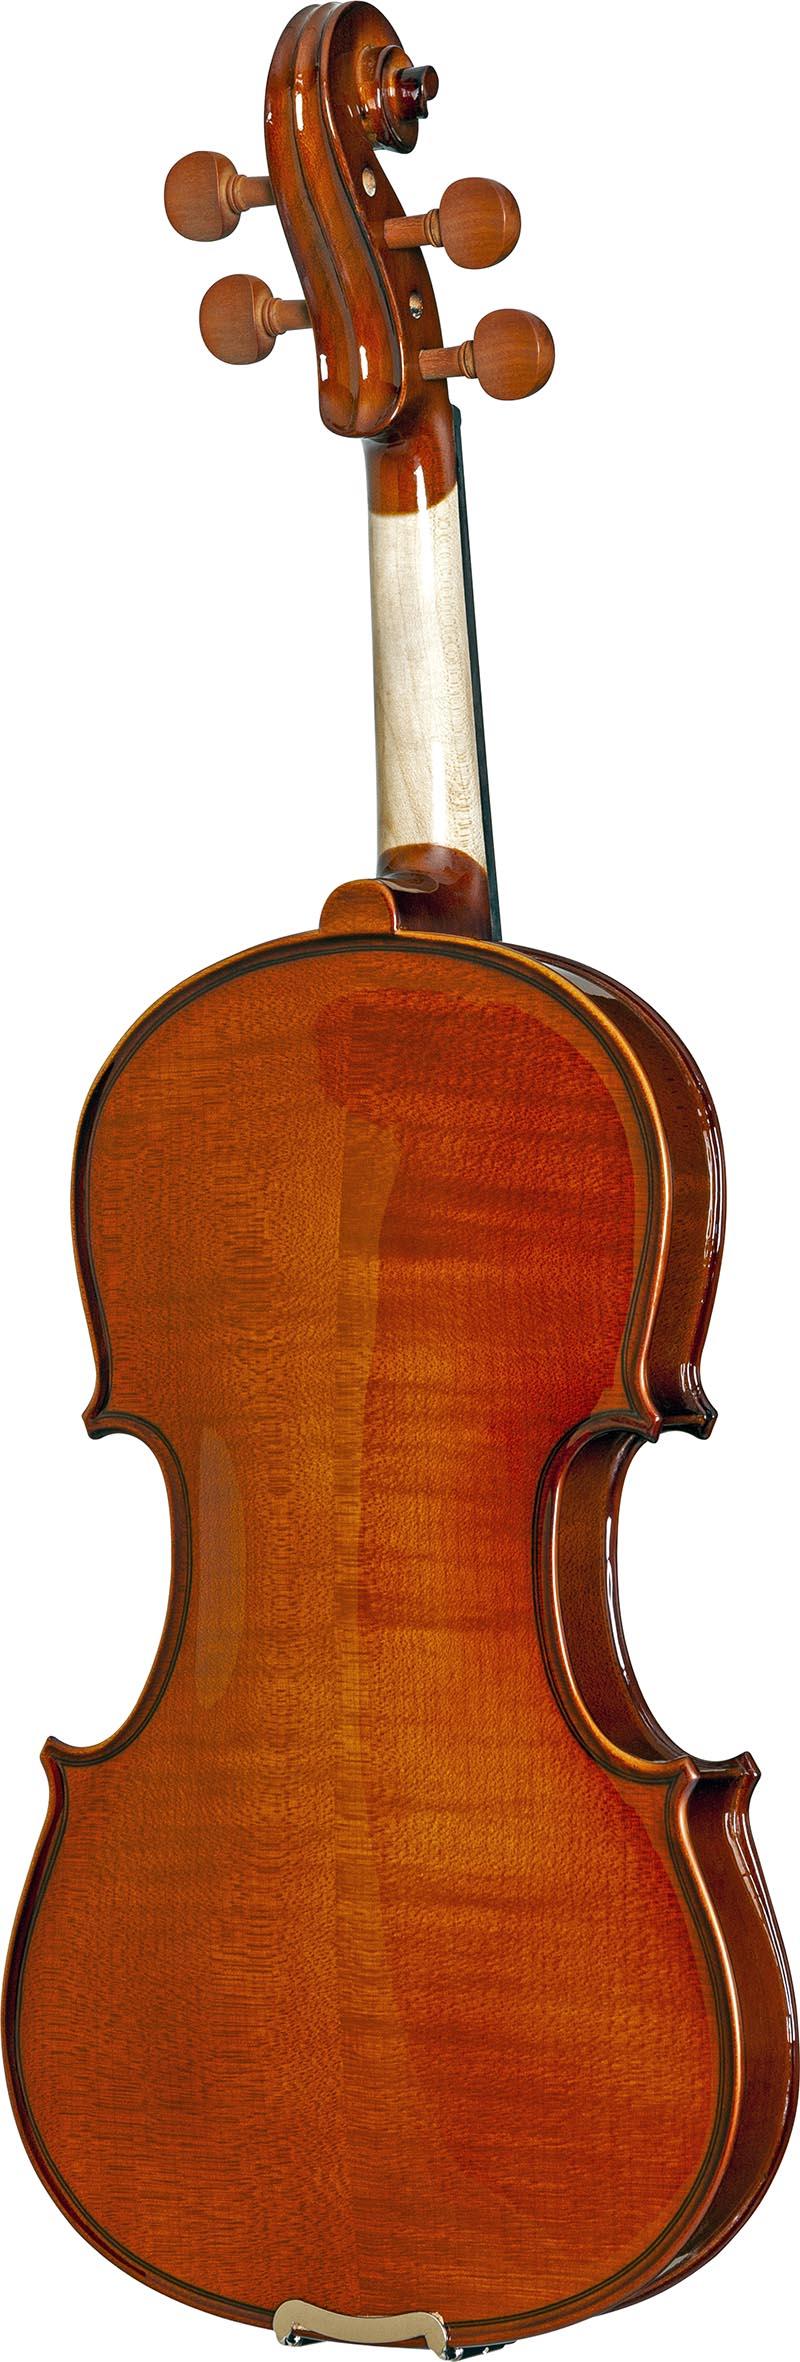 ve431 violino eagle ve431 visao posterior vertical